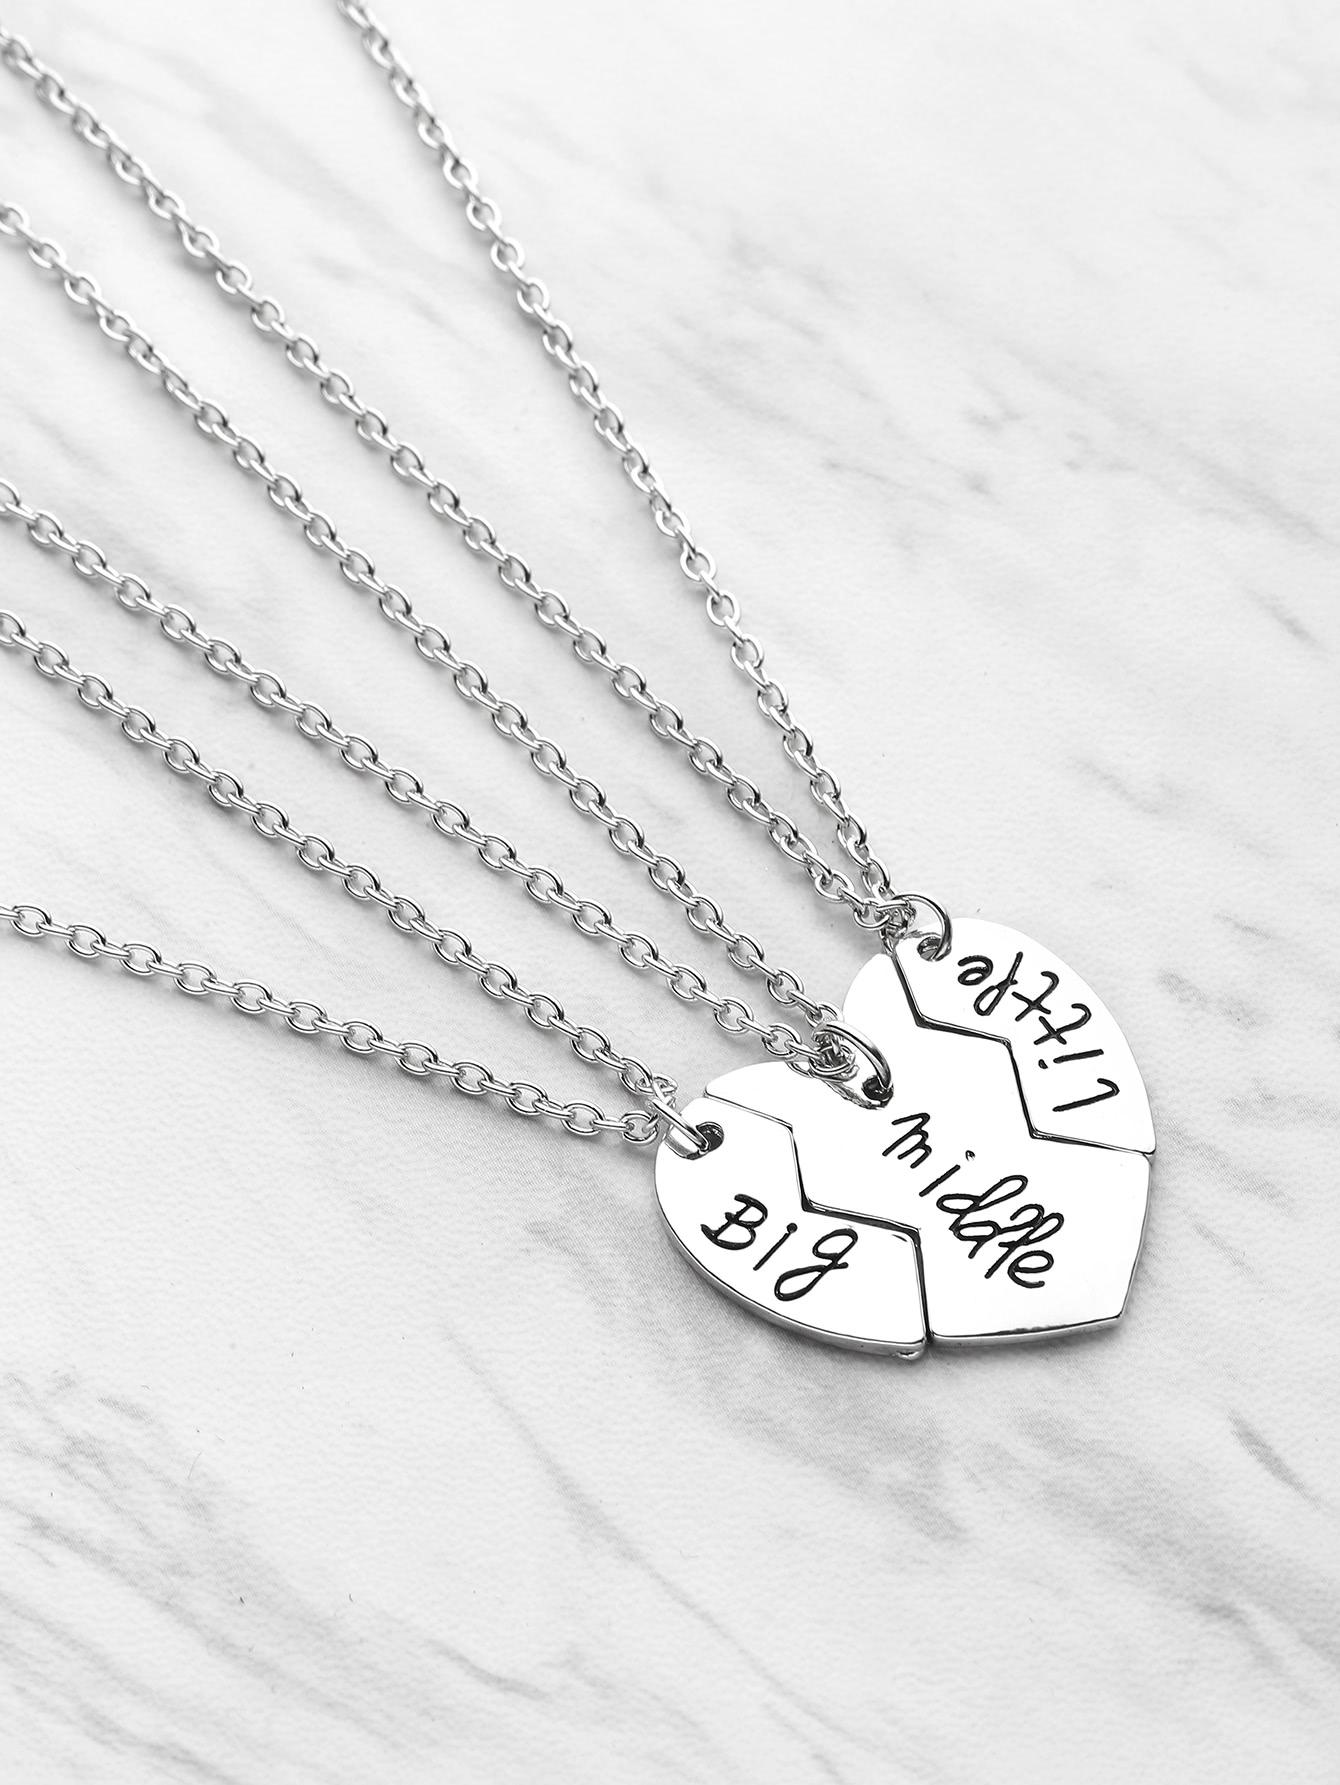 Heart Pendant Friendship Necklace 3pcs hollow heart pendant necklace set 3pcs